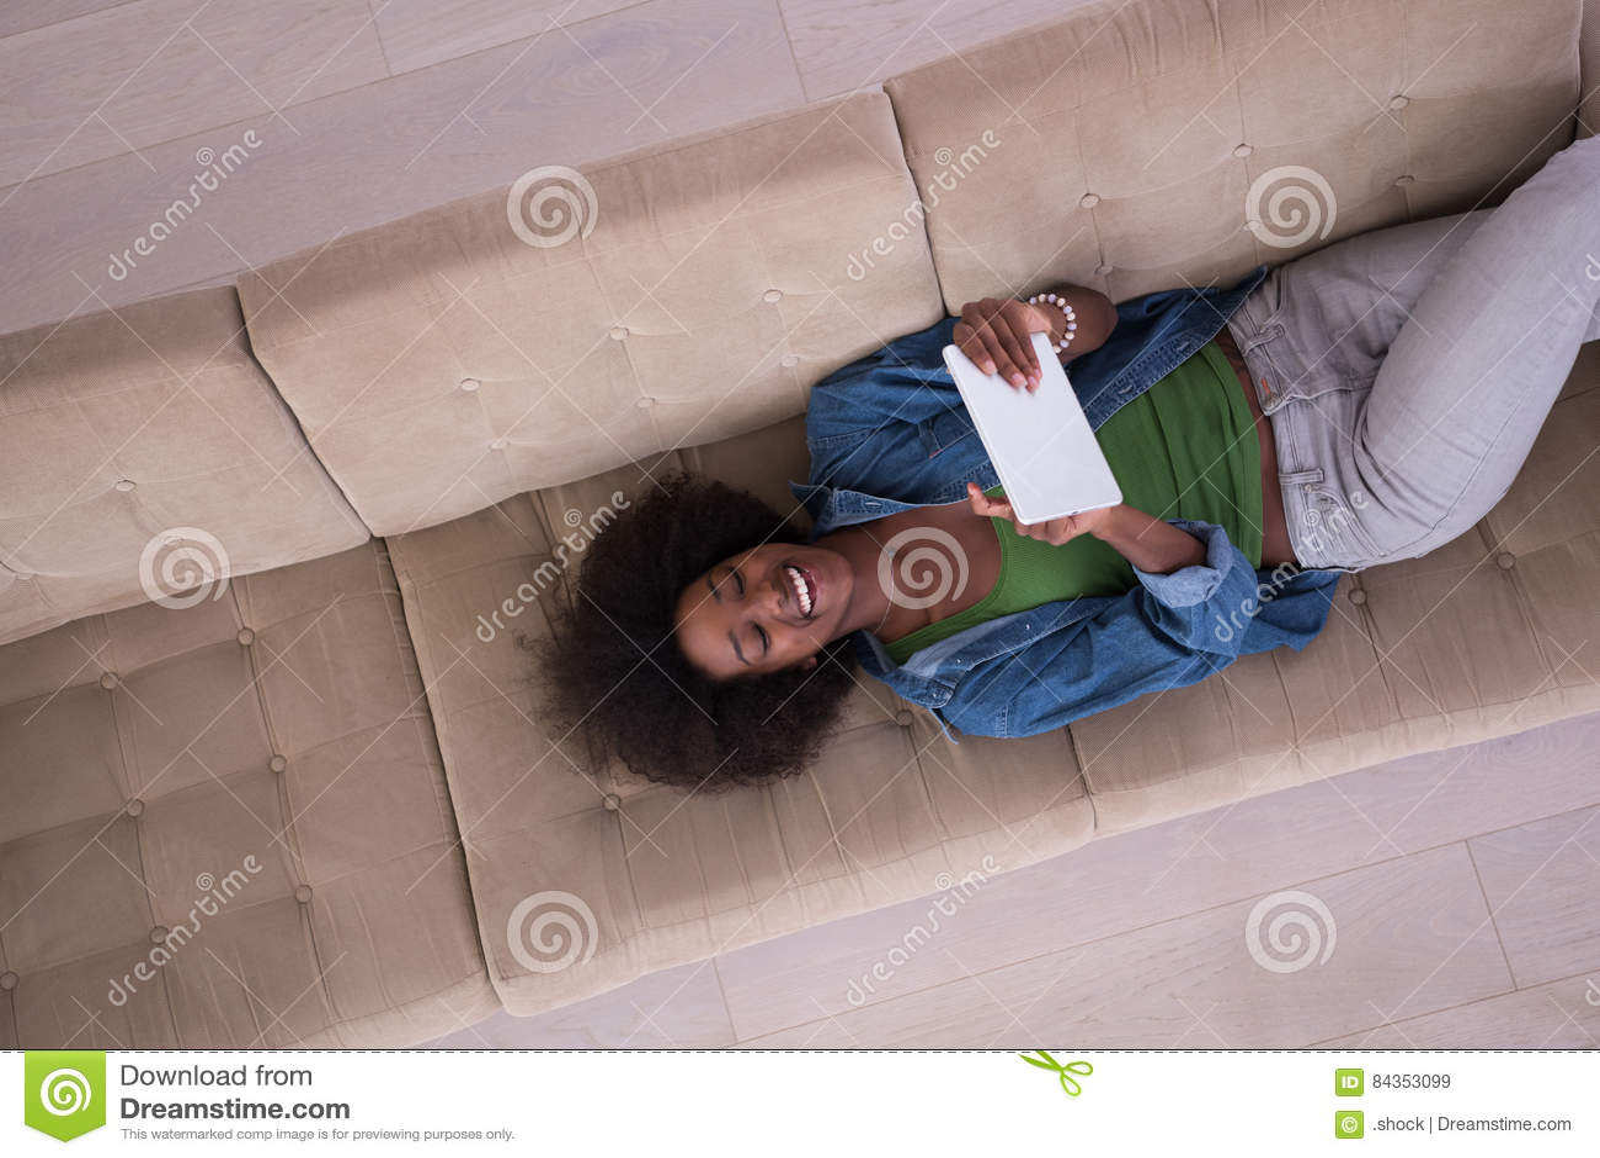 Фото женщина с верху дома фото 765-921